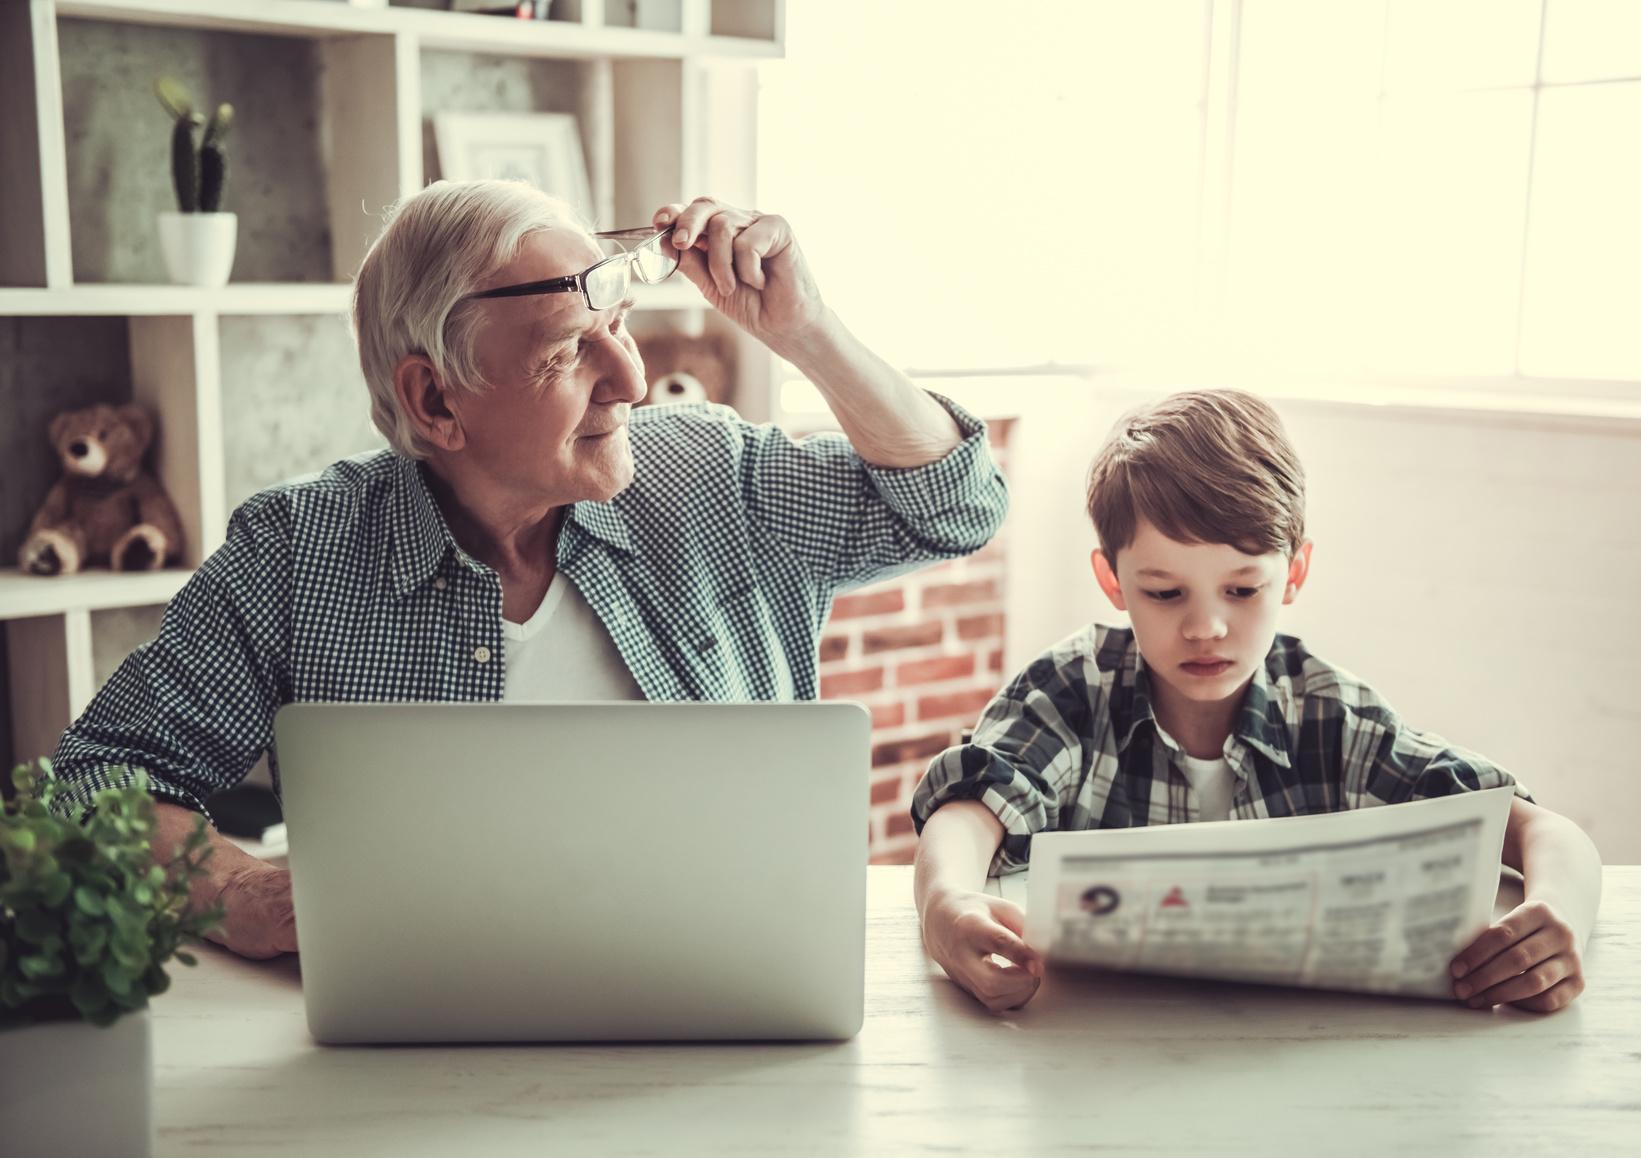 Ein Großvater mit Laptop und sein Enkel mit Zeitung sitzen gemeinsam am Tisch